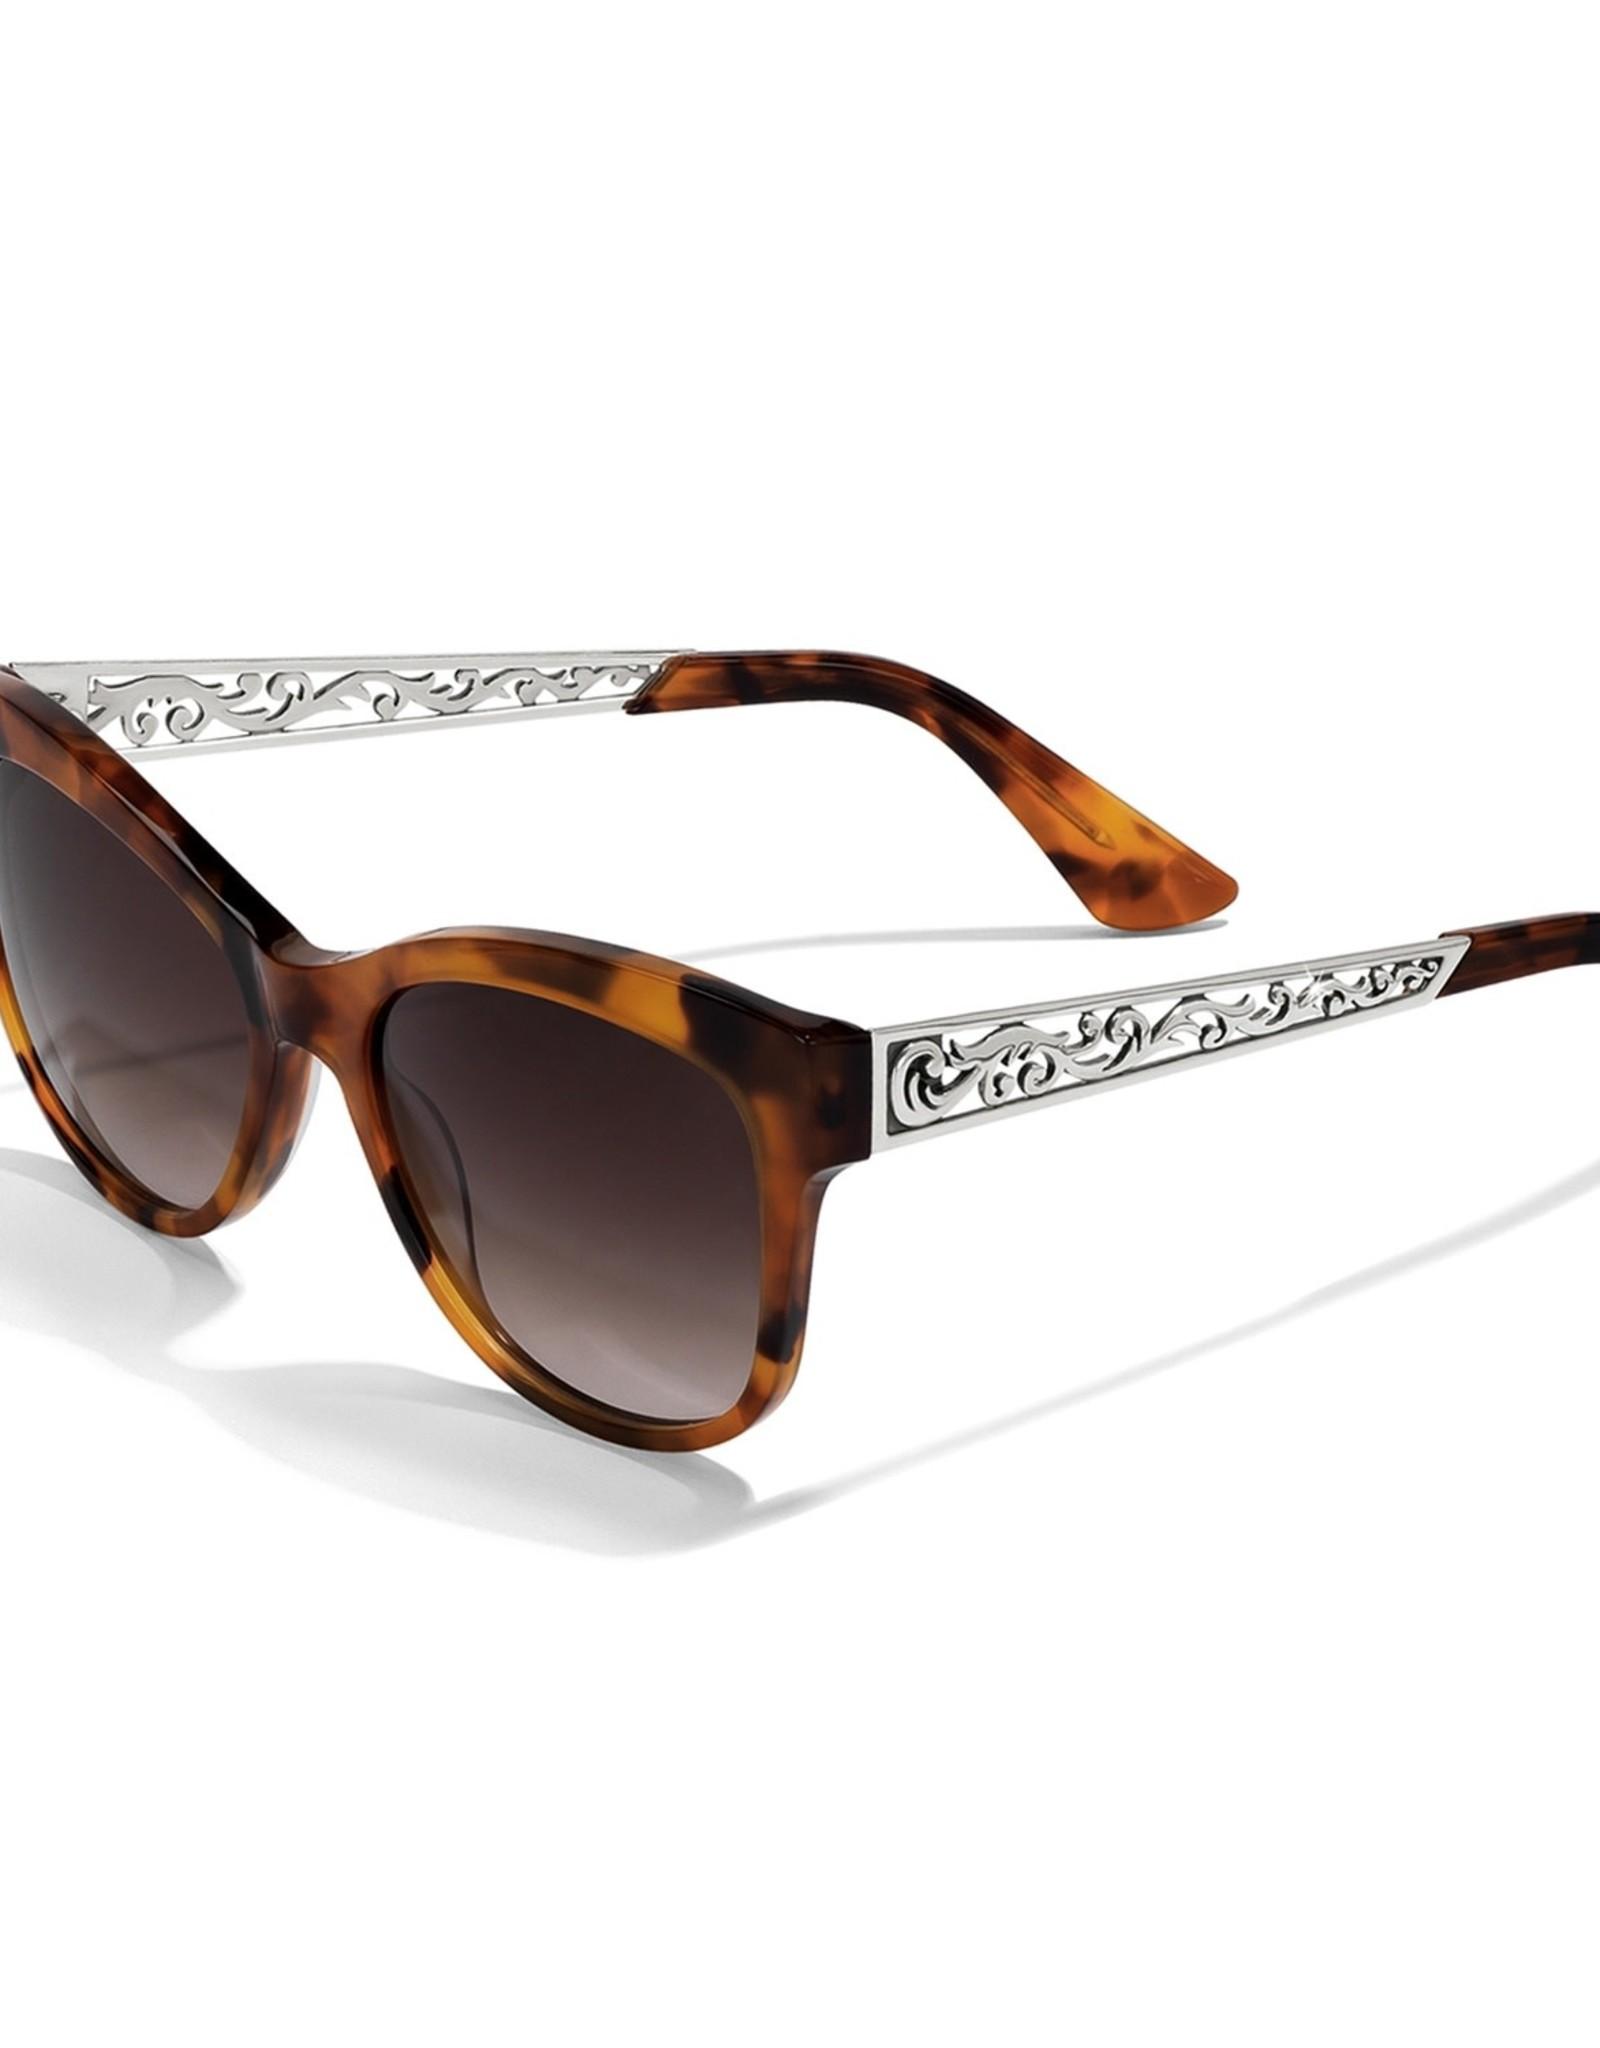 Brighton Kaytana Brown Chip Sunglasses